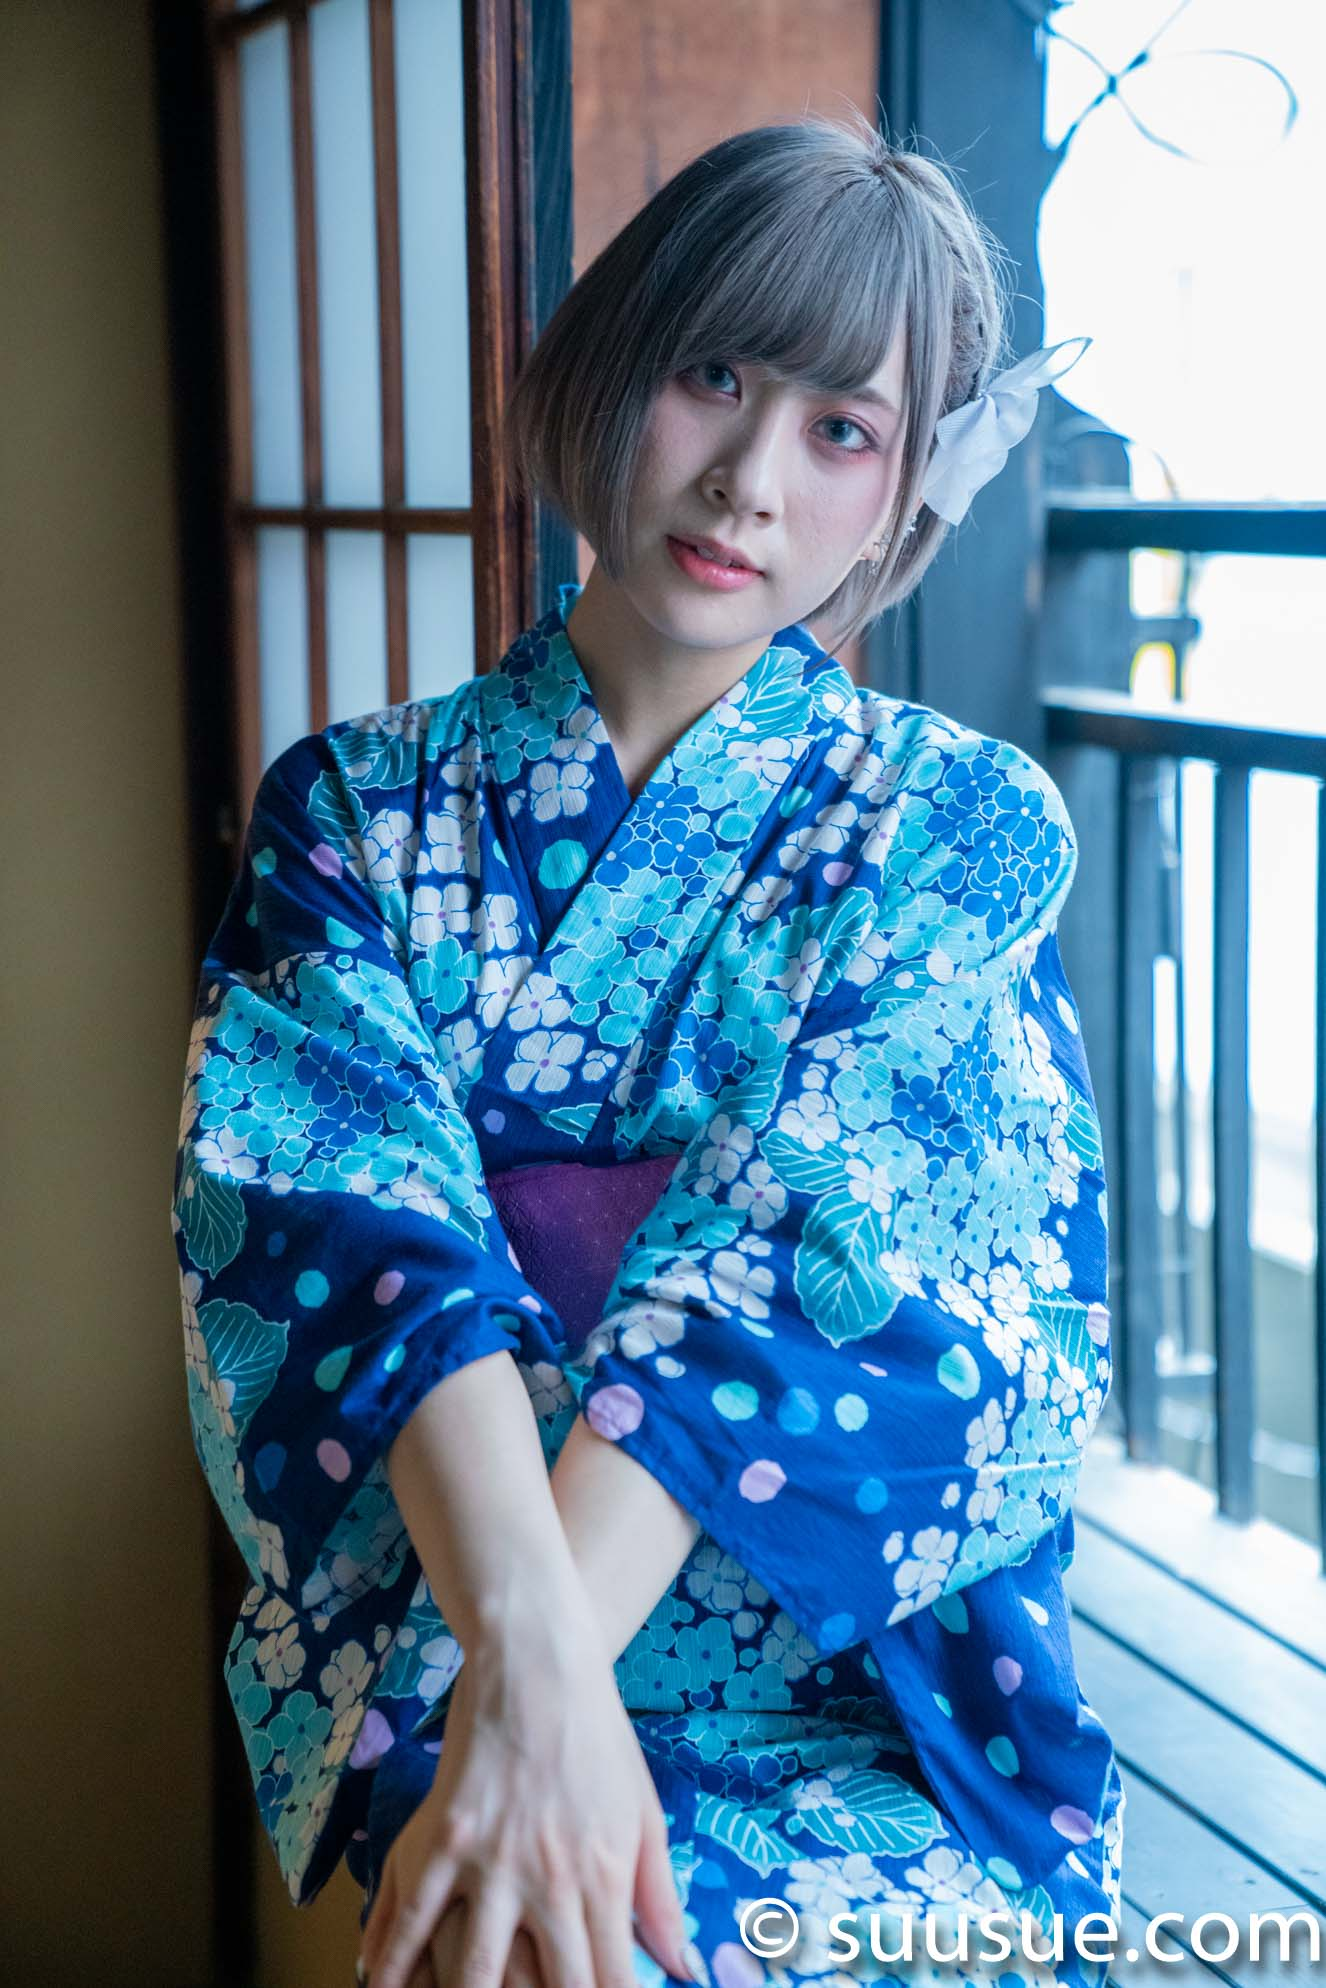 雨瀬りおな 2019/07/07 がるおく七夕撮影会